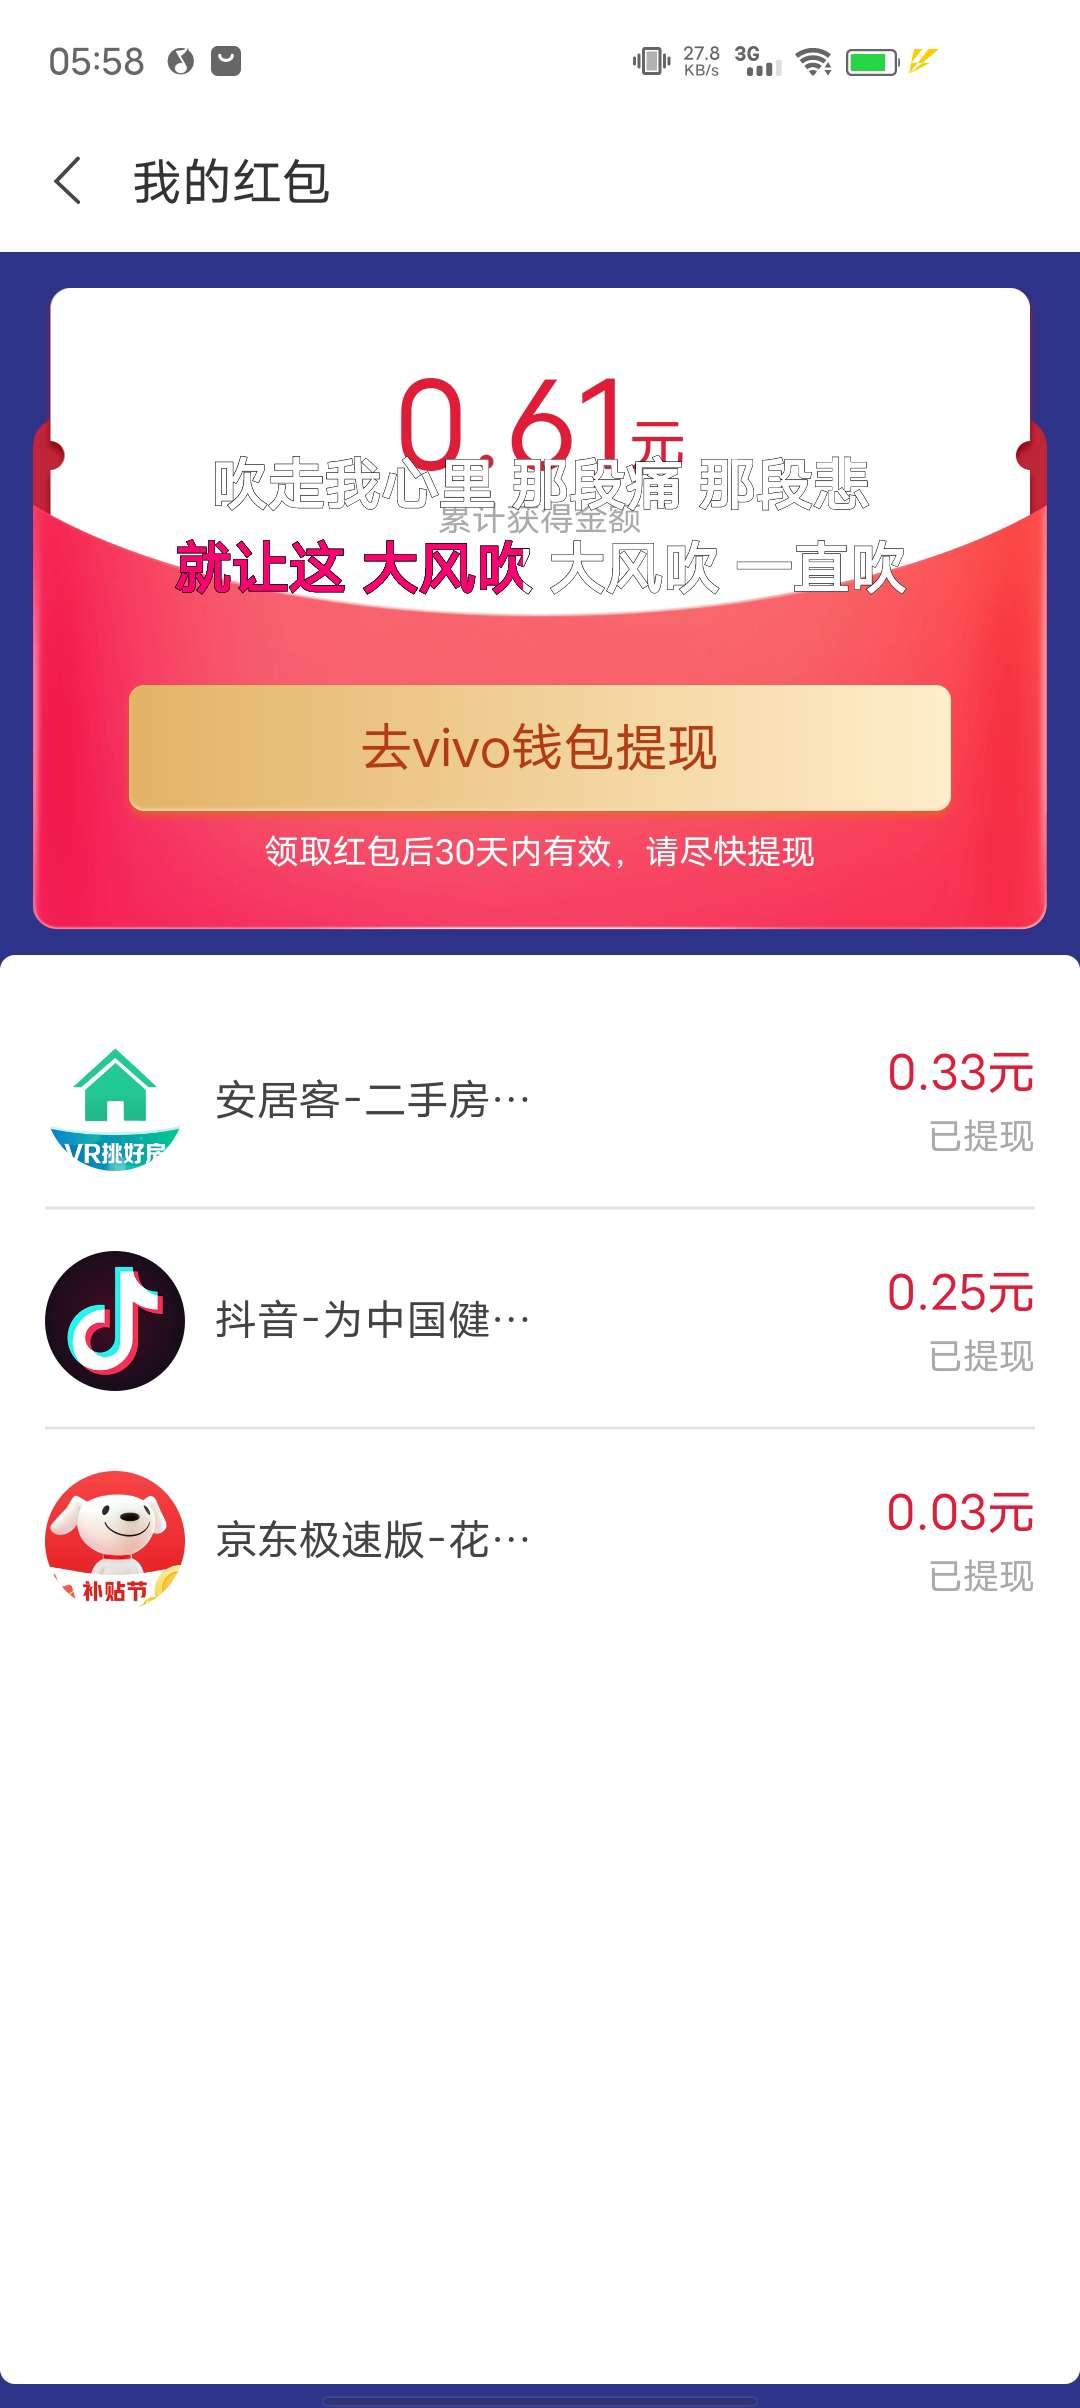 【提现红包现金】vivo手机用户应用商店活动下载应用领取现金插图4